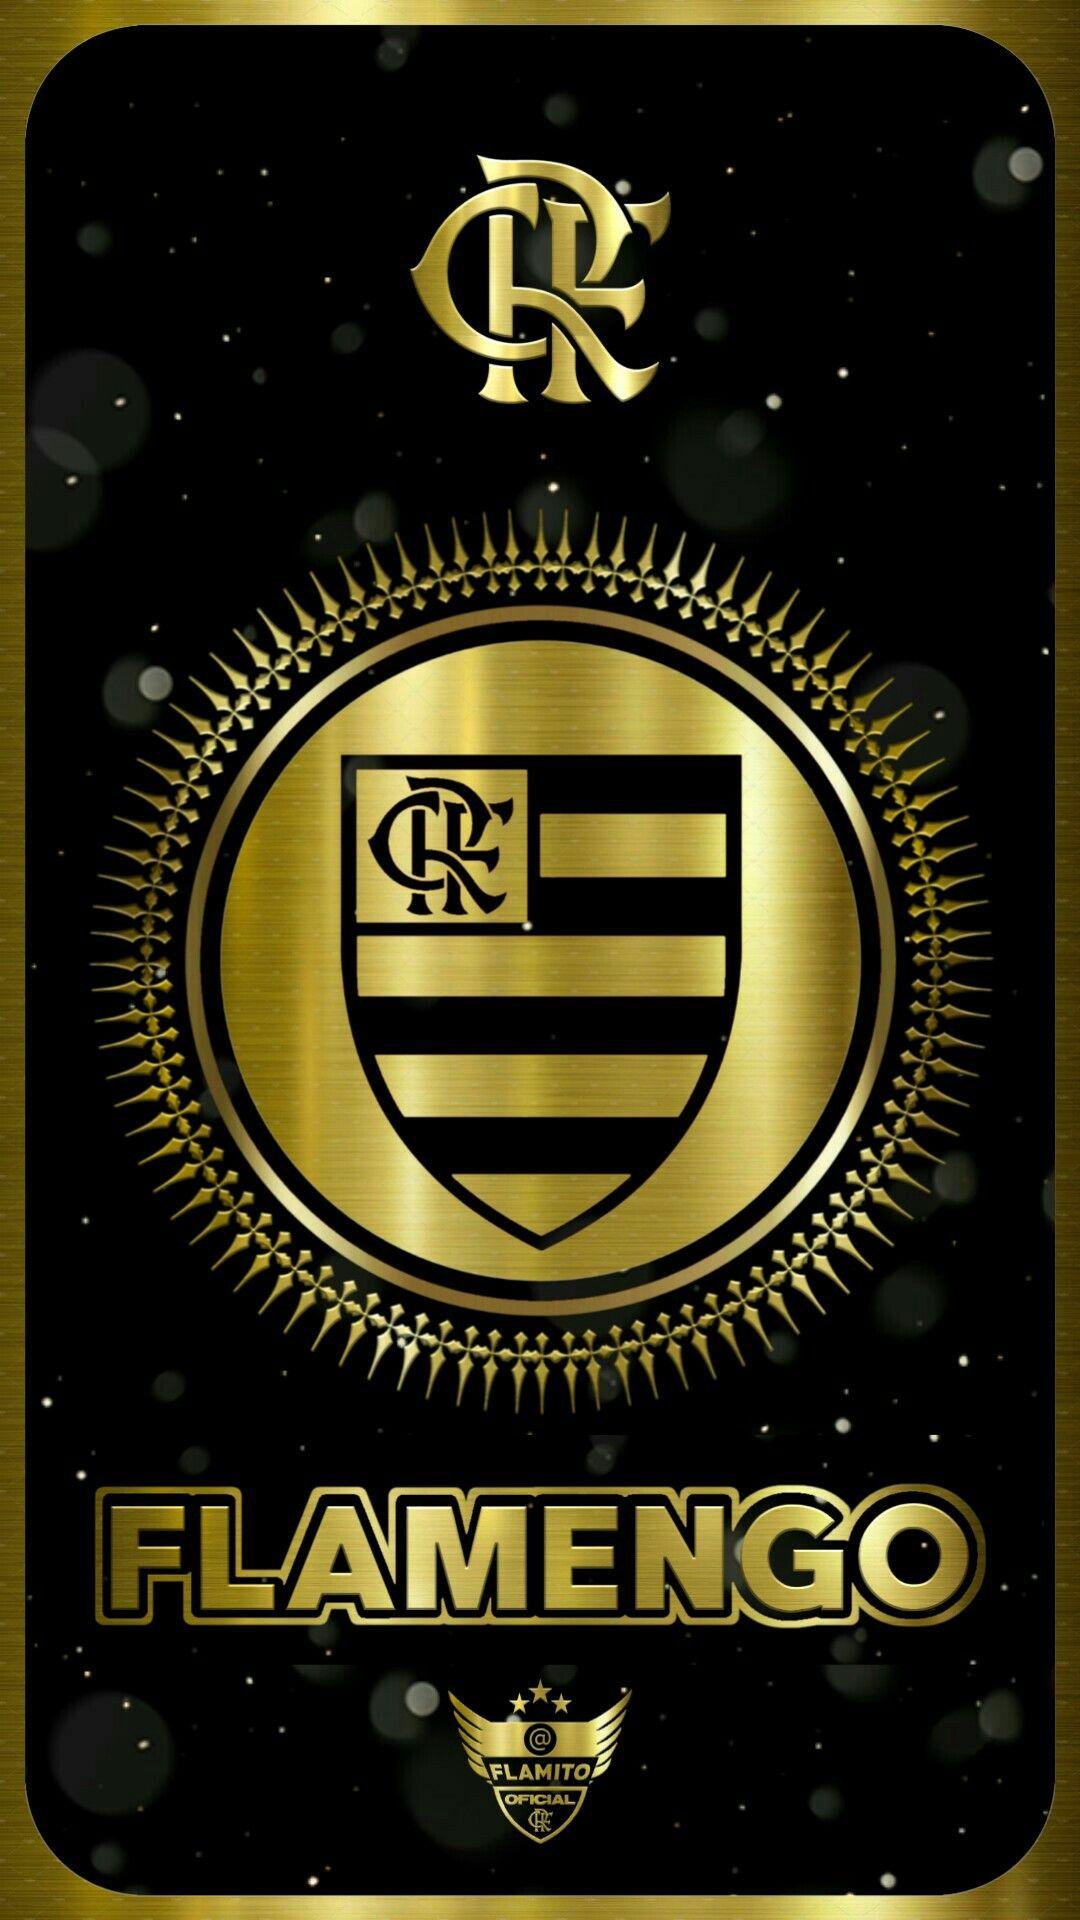 Pin De Kleberson Em Flamengo 81 Em 2020 Fotos De Flamengo